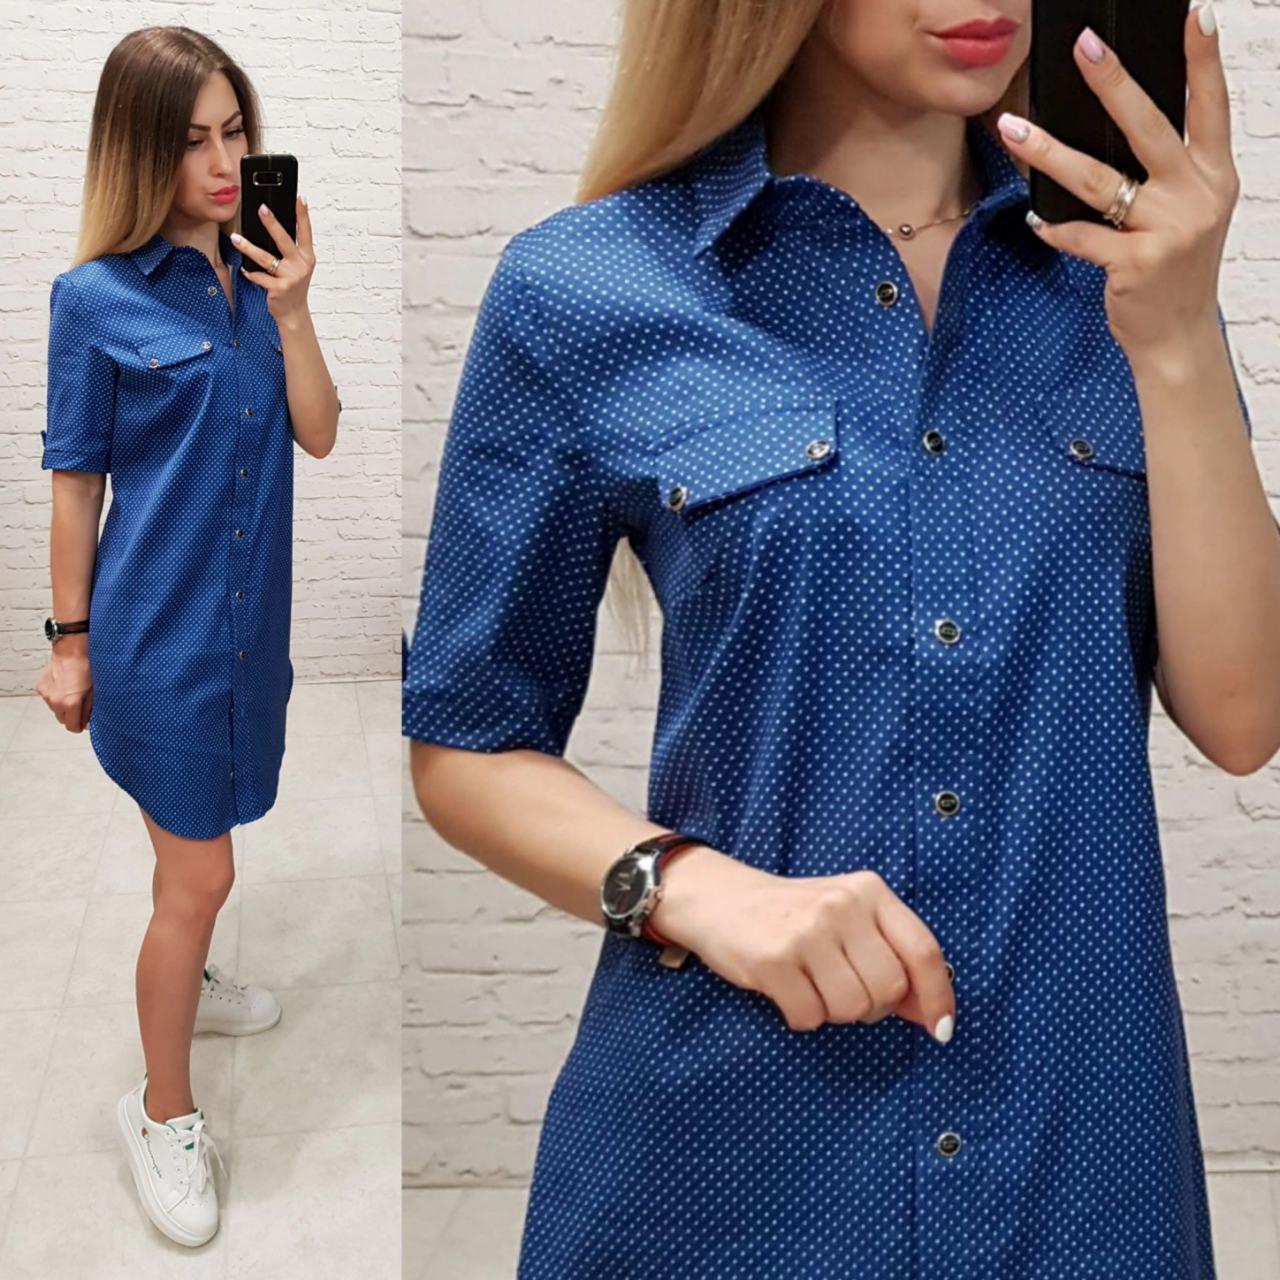 Сукня - сорочка коттон арт. 827 колір синього джинса в горох